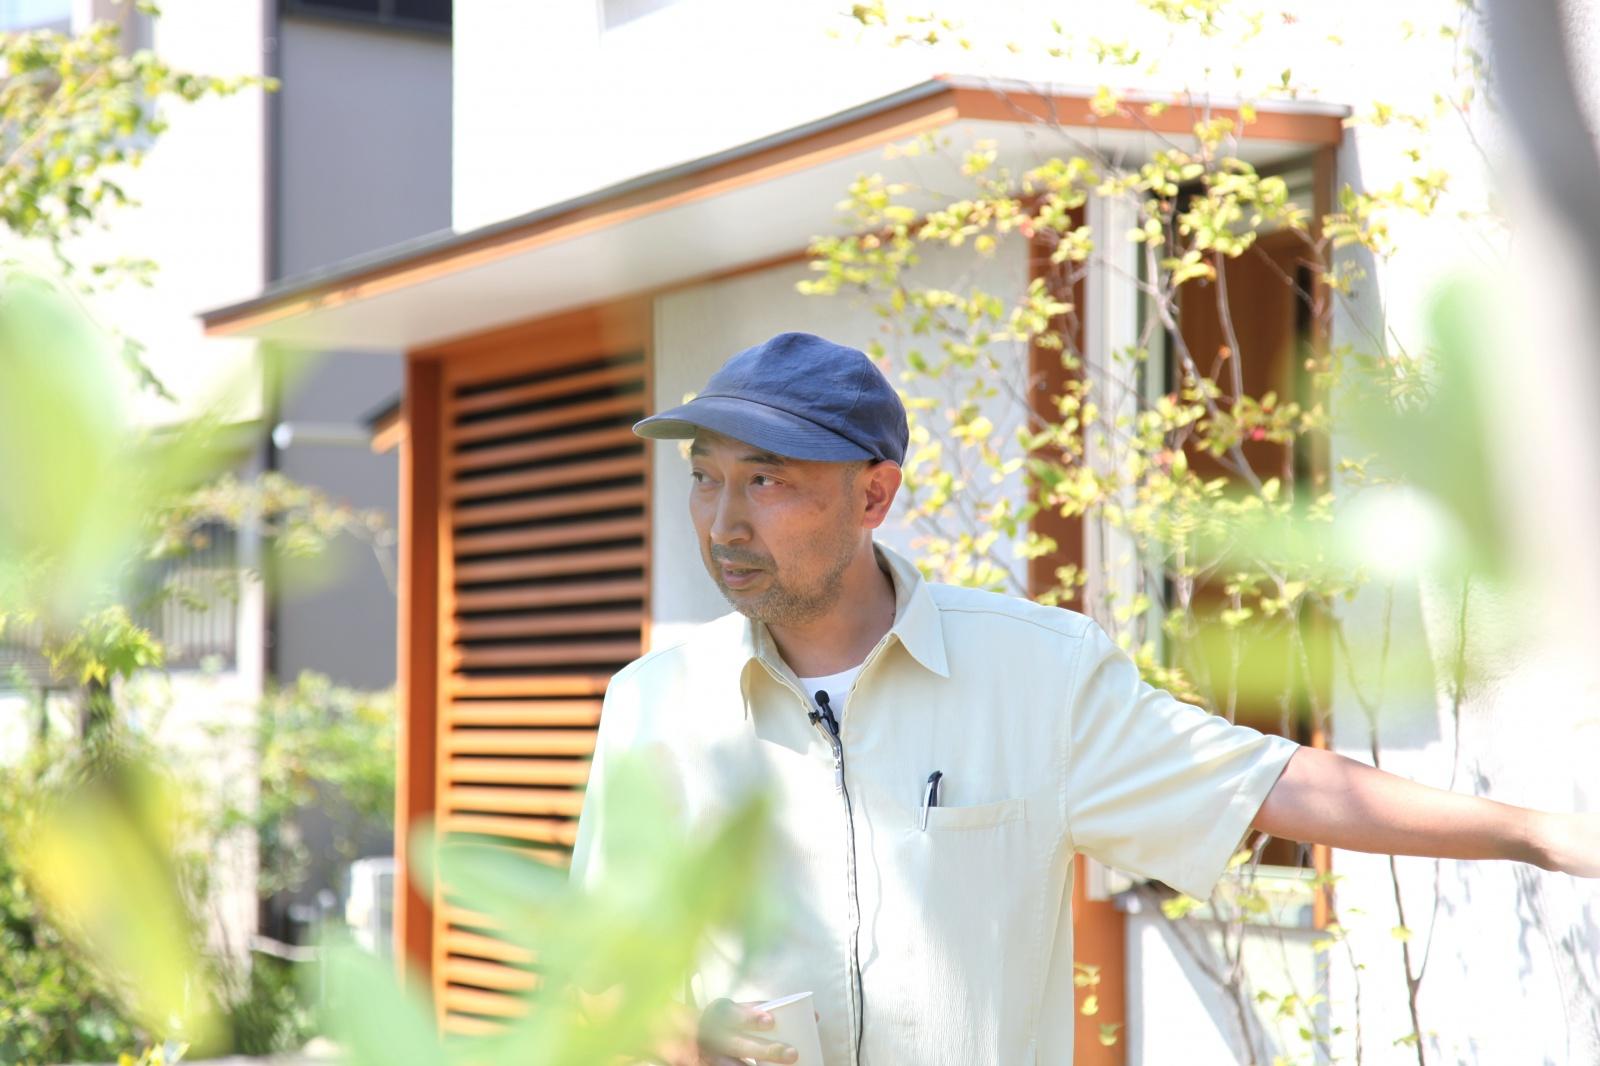 自然が好き。そんな自身の中にある本質に気づき、いまも大地に絵を描きつづけている造園家の小林賢二さん